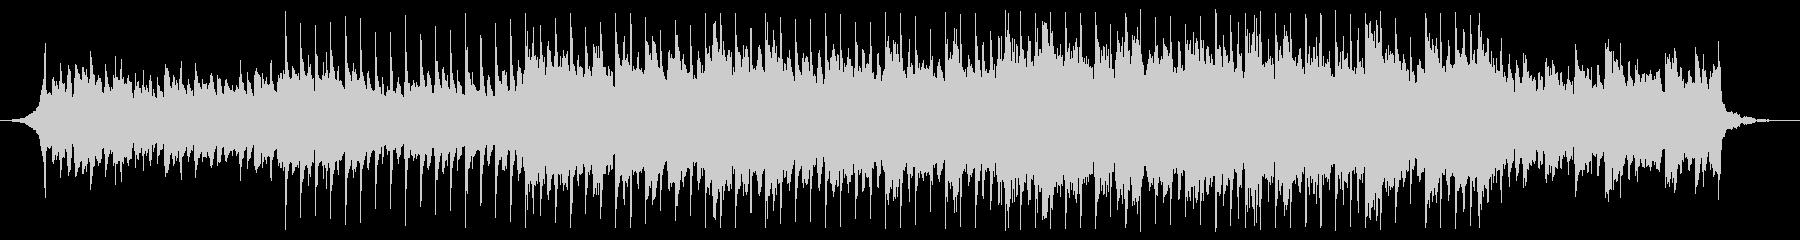 アコギが耳に残るPOPS、60秒編集済みの未再生の波形